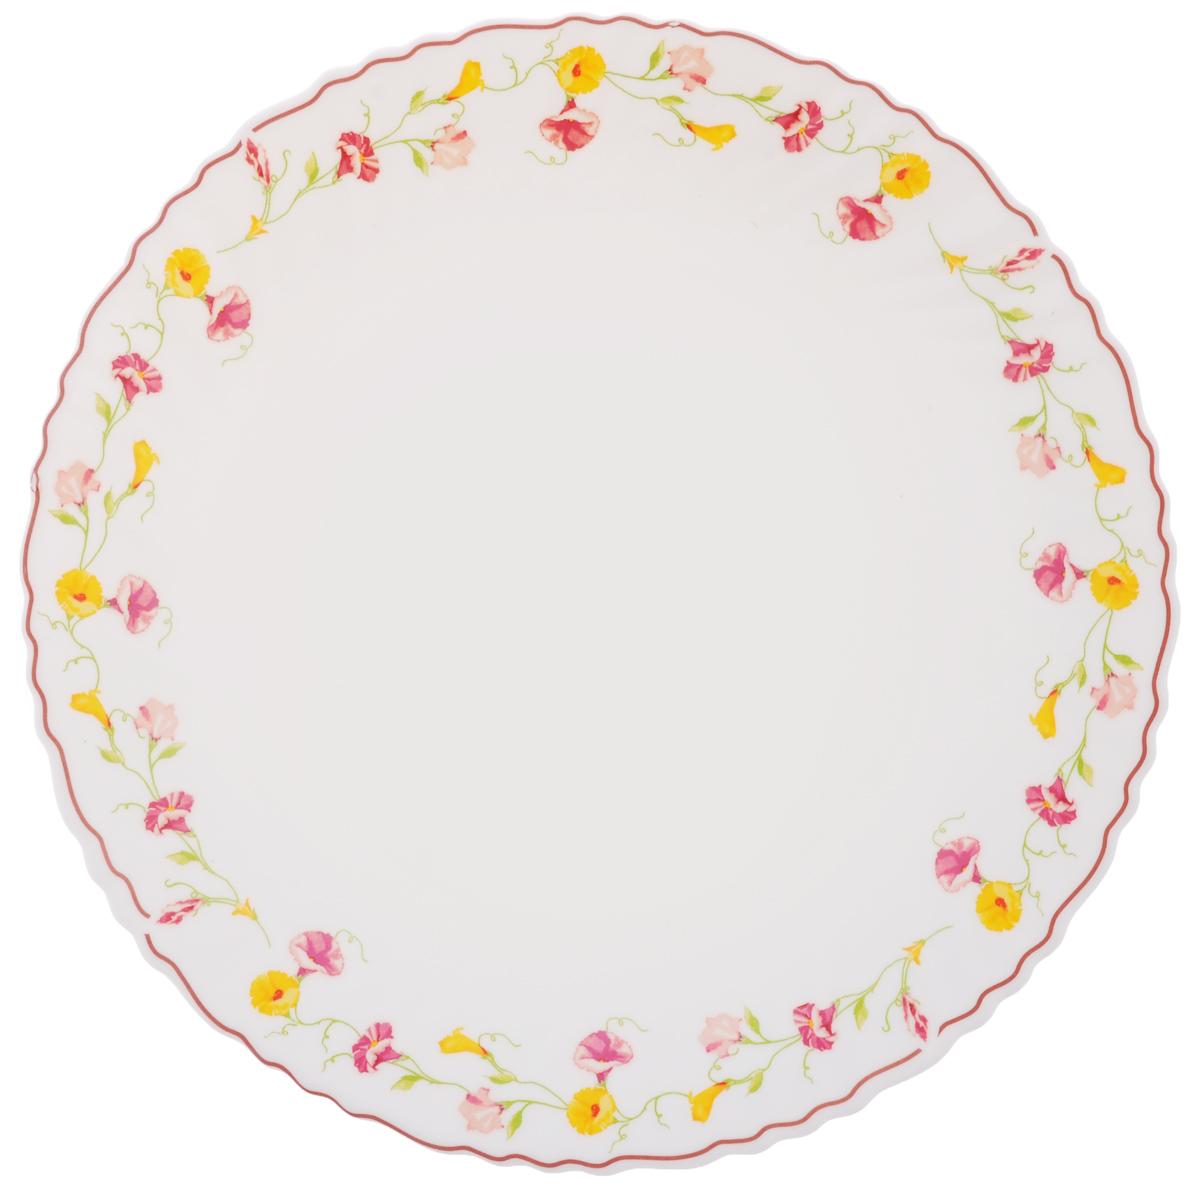 Тарелка обеденная Chinbull Эльзас, диаметр 24 смOLHP-95/308Обеденная тарелка Chinbull Эльзас, изготовленная из высококачественной стеклокерамики, украшена ярким цветочным рисунком. Изящный дизайн придется по вкусу и ценителям классики, и тем, кто предпочитает утонченность. Тарелка Chinbull Эльзас идеально подойдет для сервировки стола и станет отличным подарком к любому празднику. Диаметр (по верхнему краю): 24 см.